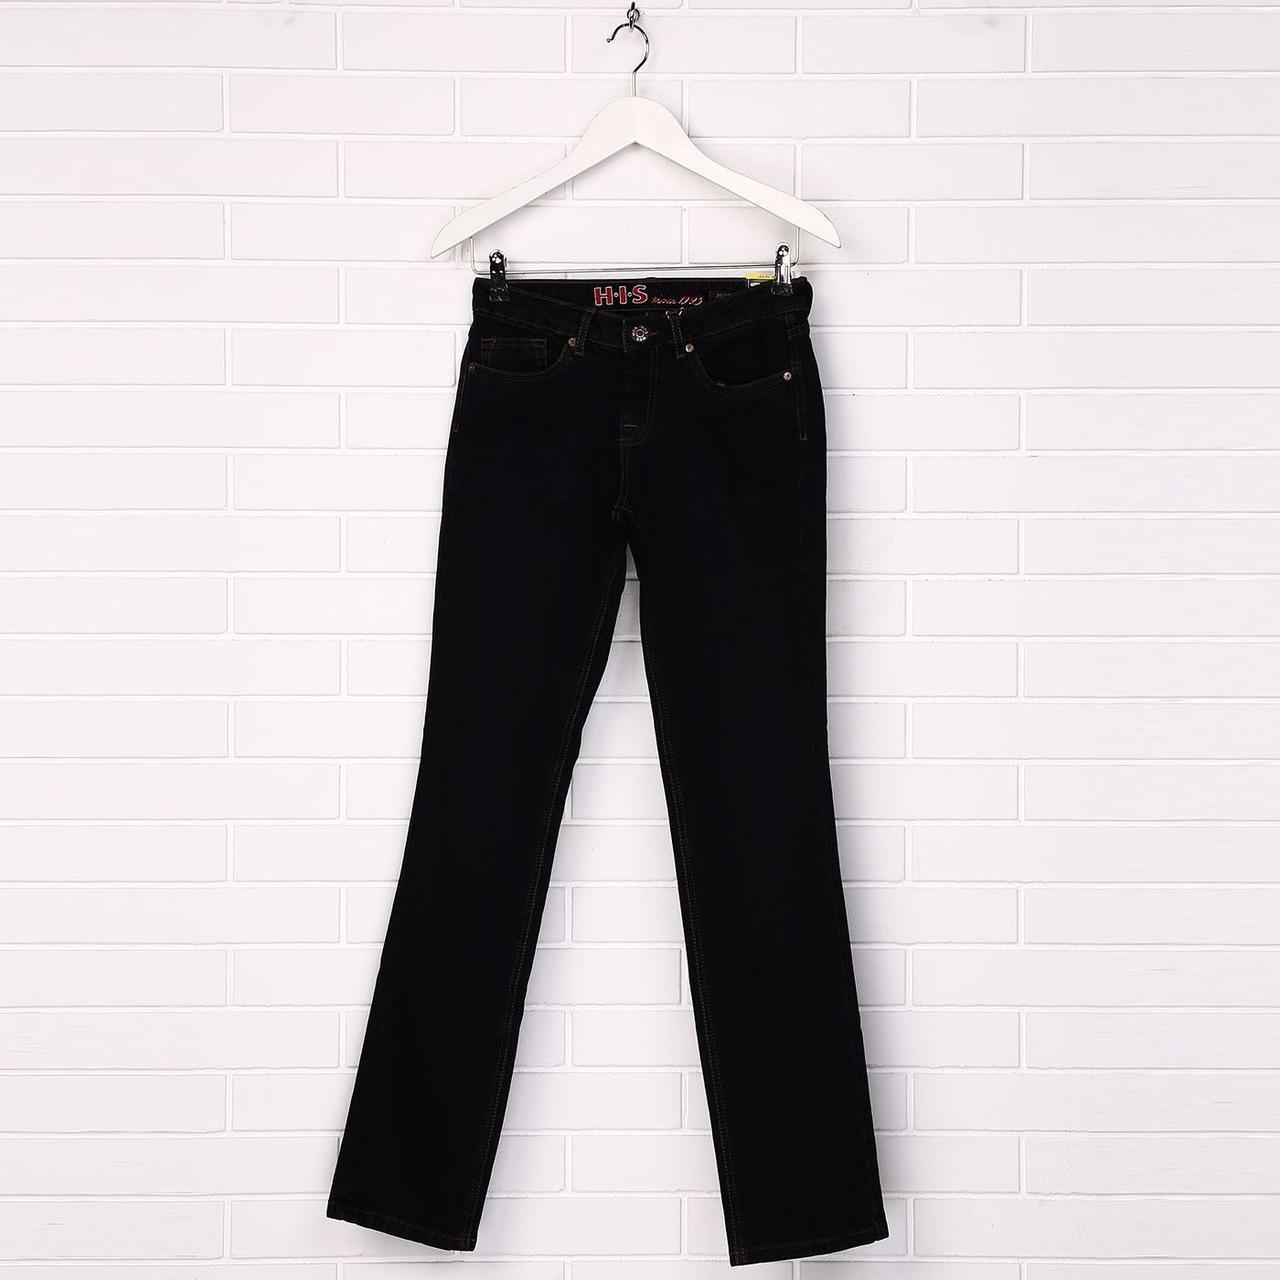 Жіночі джинси HIS HS837484 (36W33L)